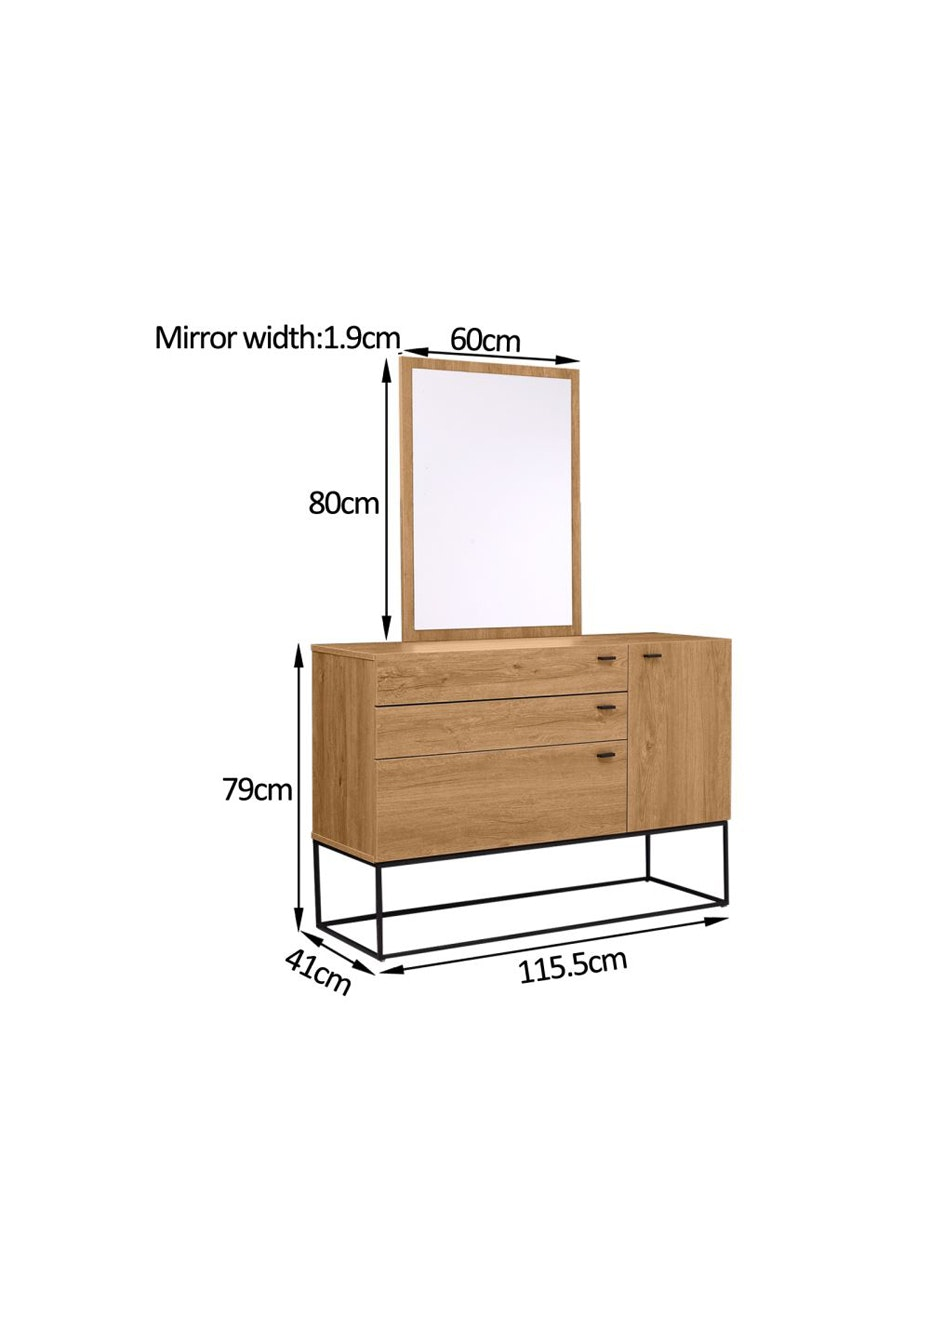 Wooden Dresser and mirror